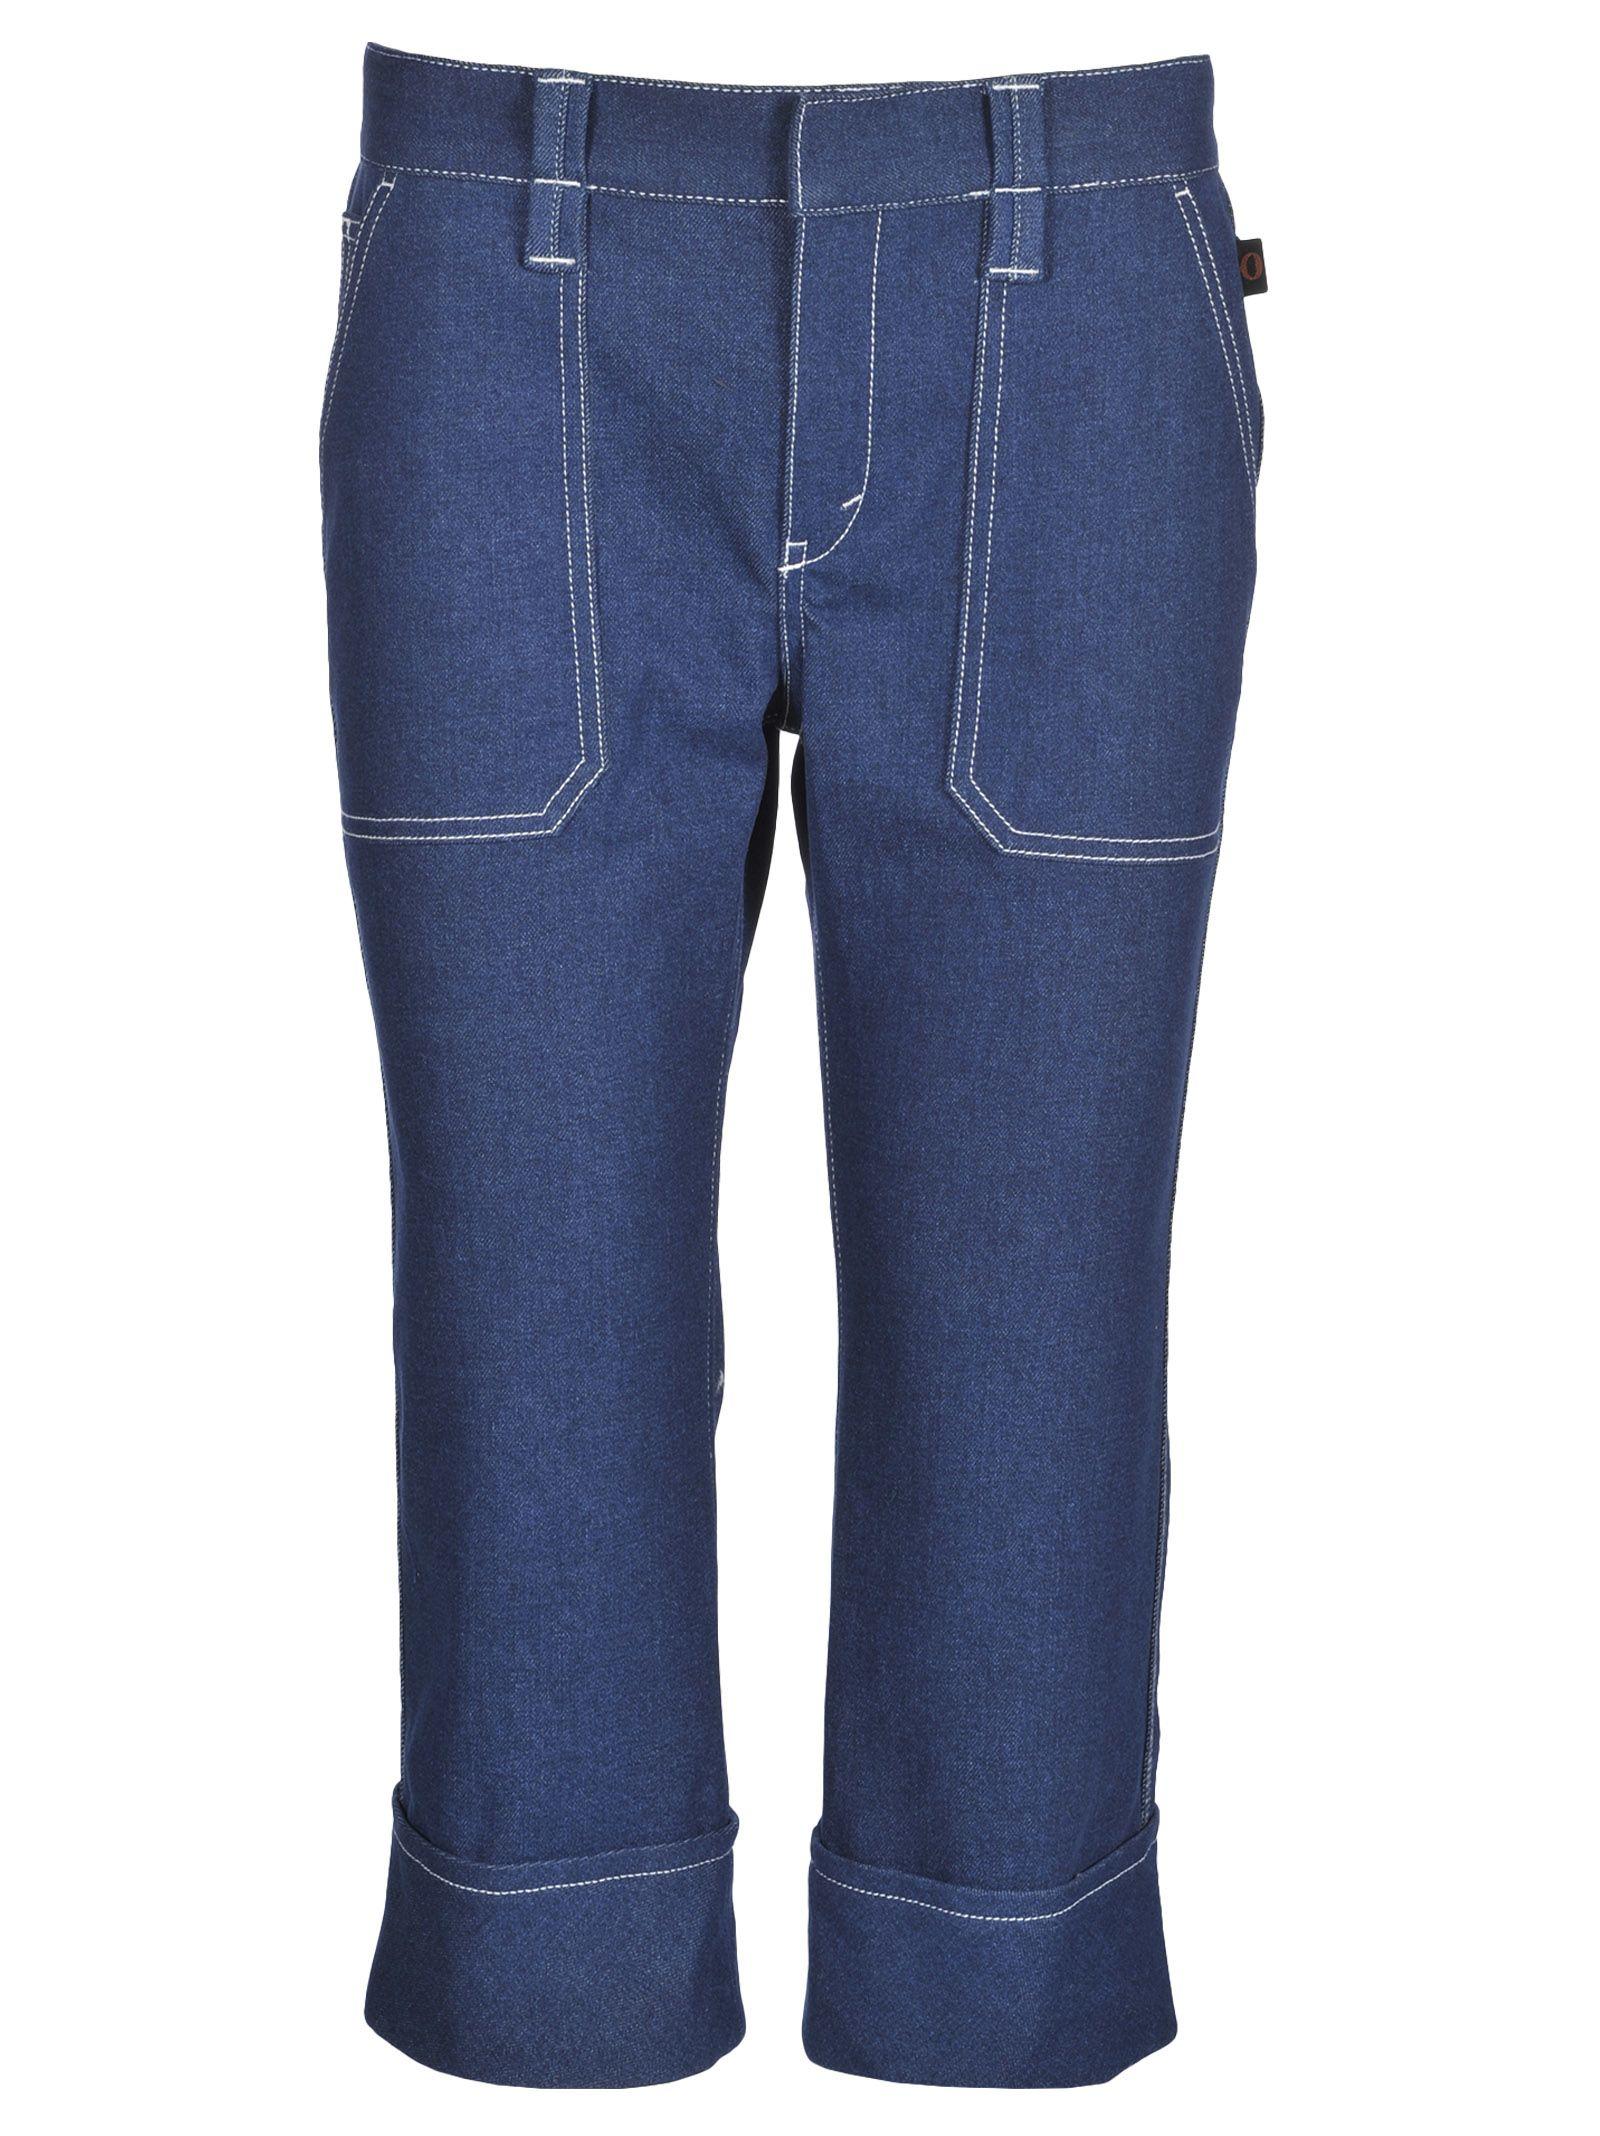 Chloe Jeans Crop 10580476